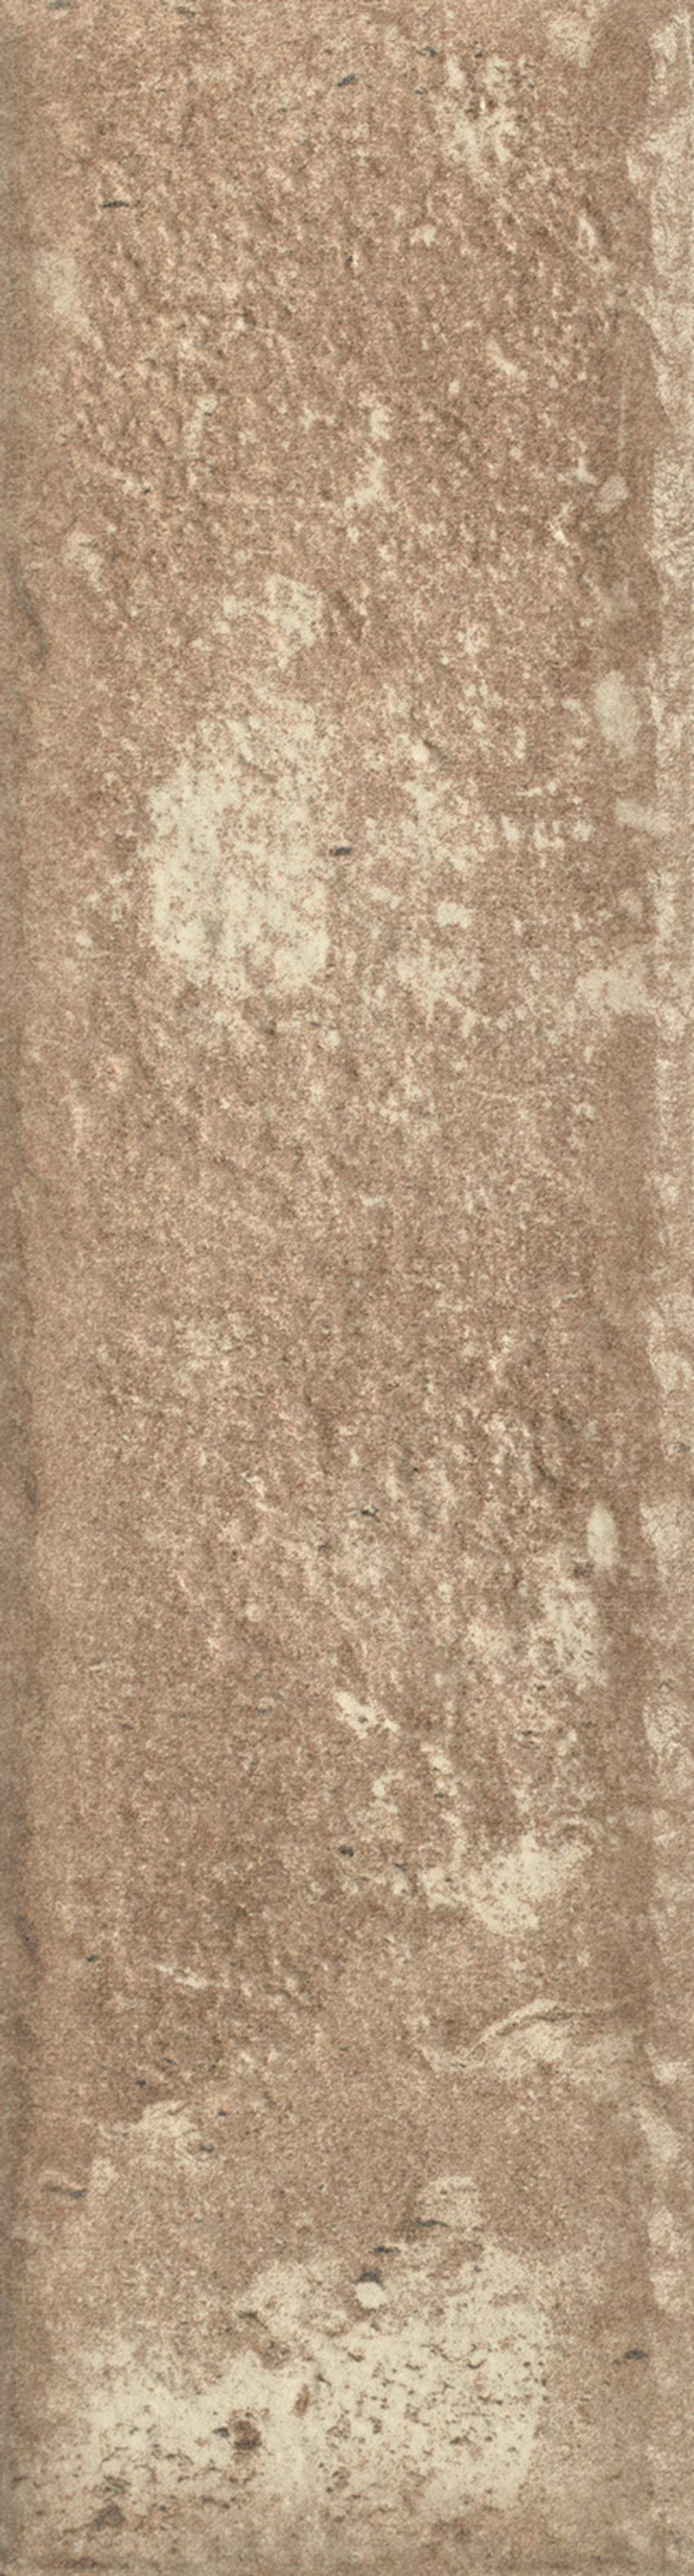 Płytka elewacyjna 6,6x24,5 cm Paradyż Scandiano Ochra Elewacja